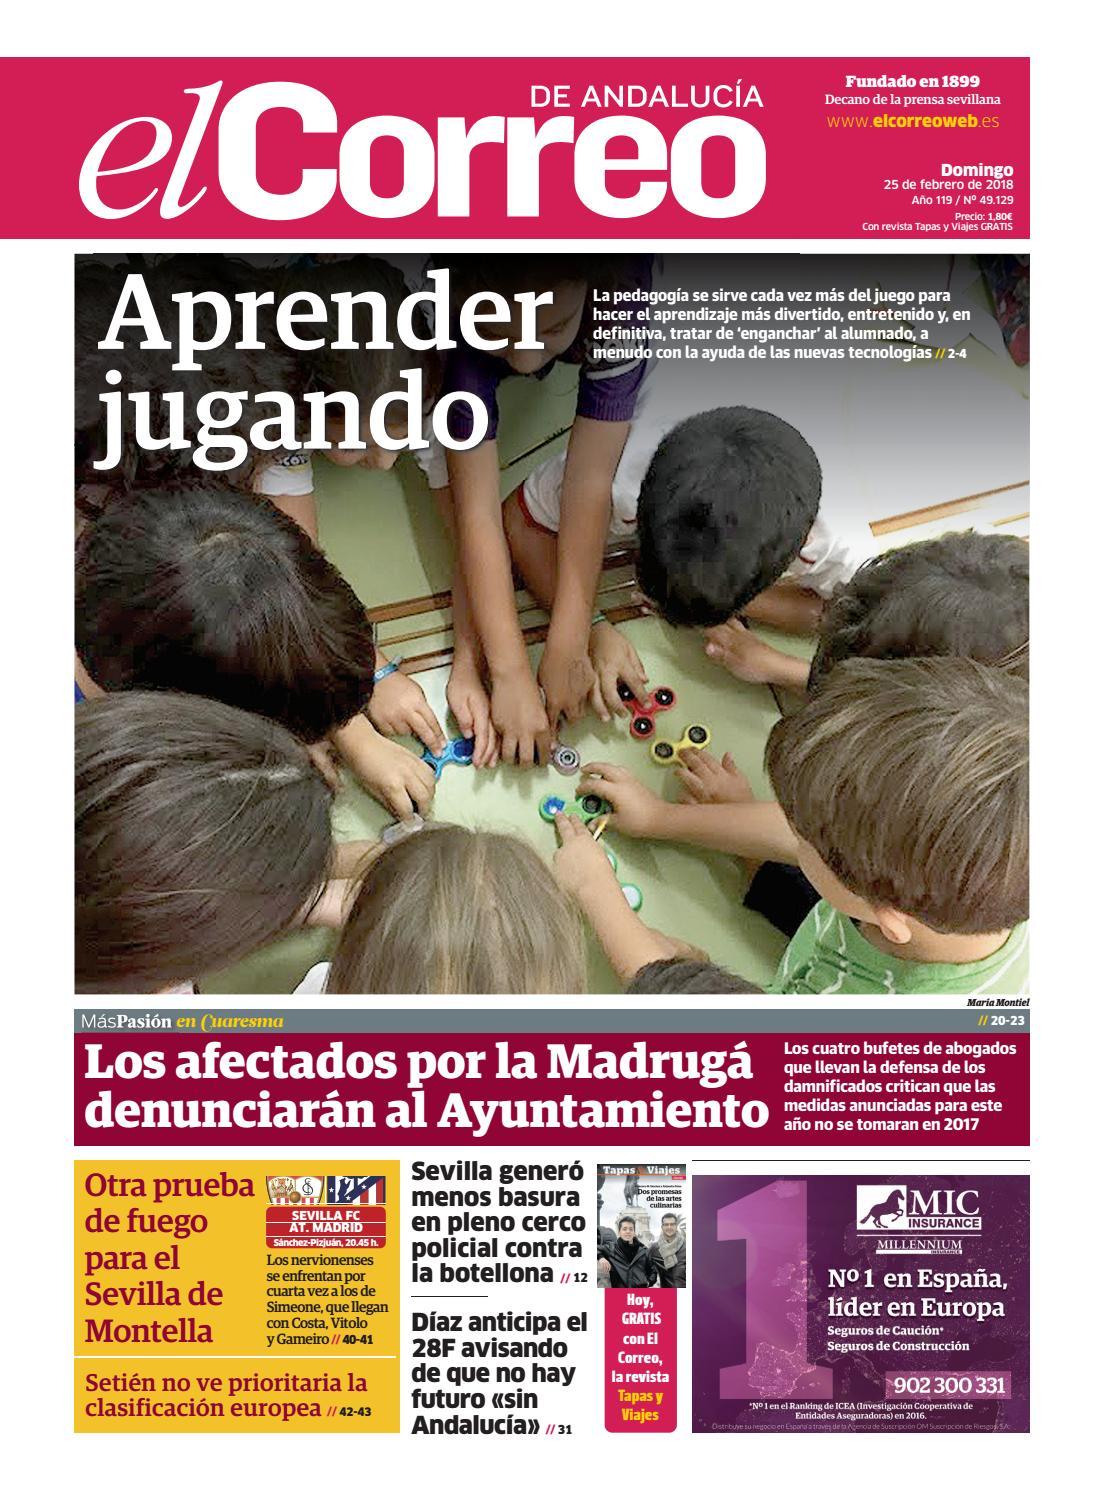 25.02.2018 El Correo de Andalucía by EL CORREO DE ANDALUCÍA S.L. - issuu 30472d3aea6